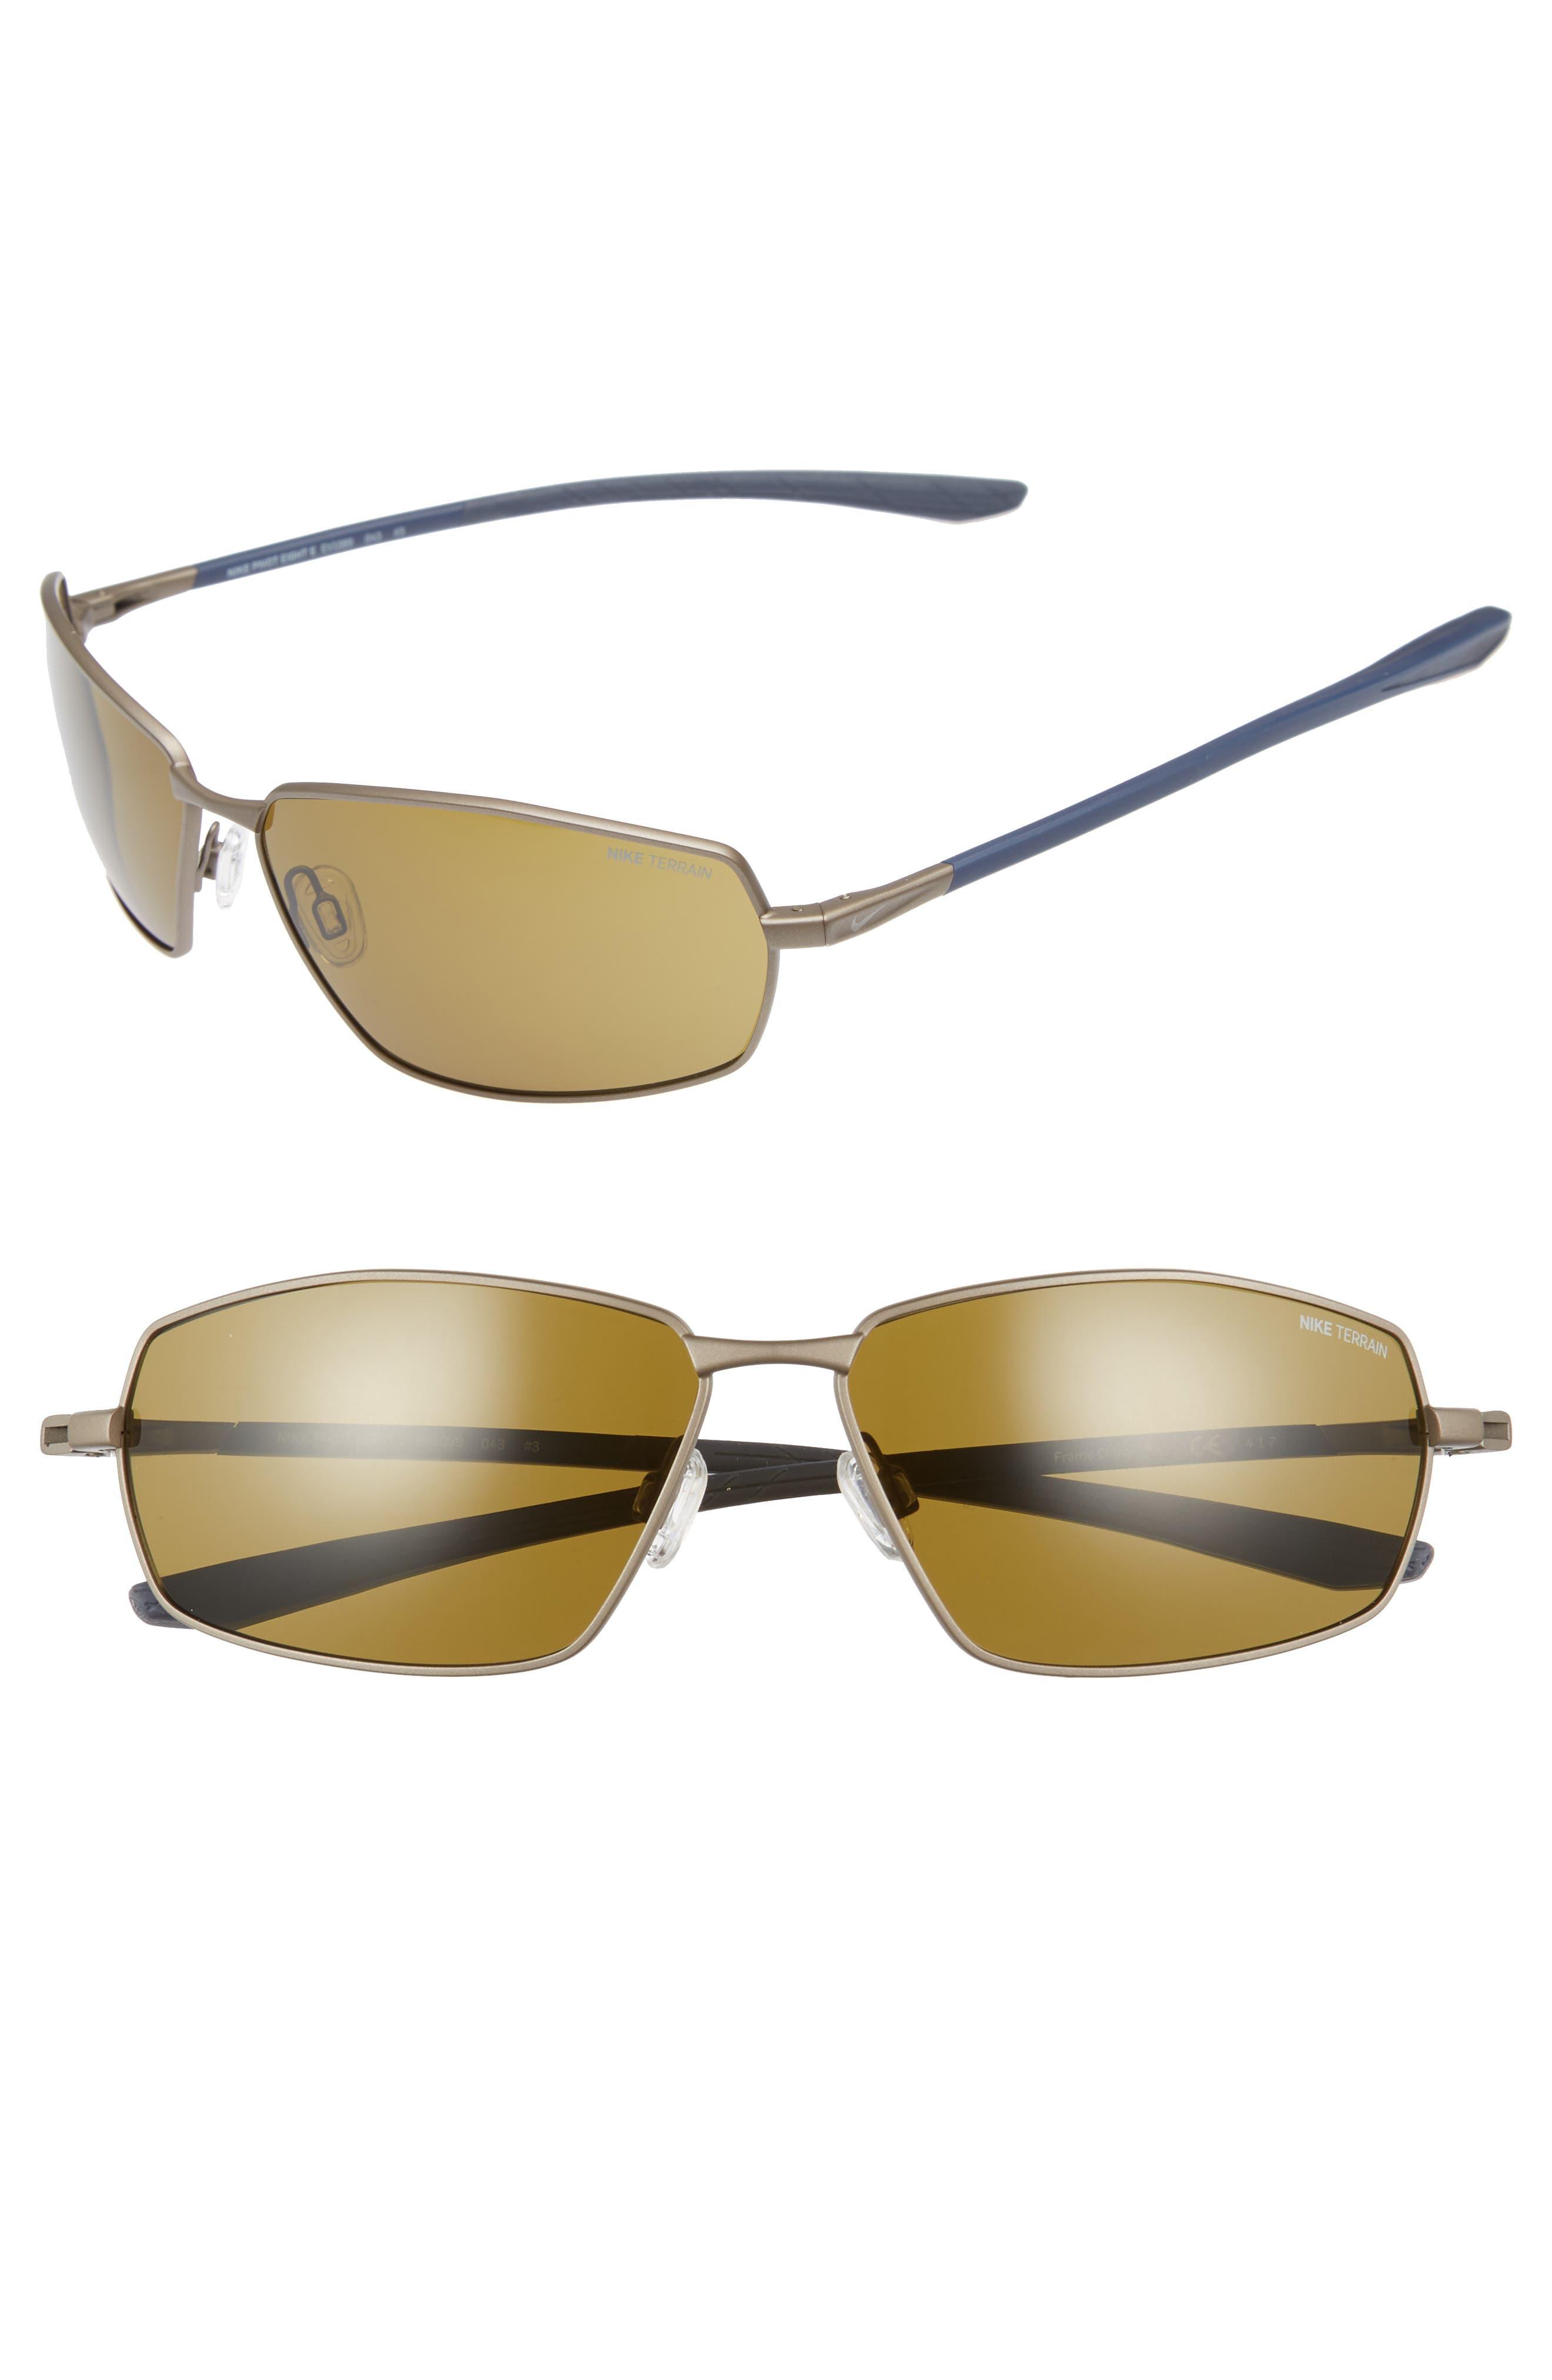 Pivot Eight E 62mm Oversize Sunglasses,                             Main thumbnail 1, color,                             Satin Pewter/ Terrain Tint